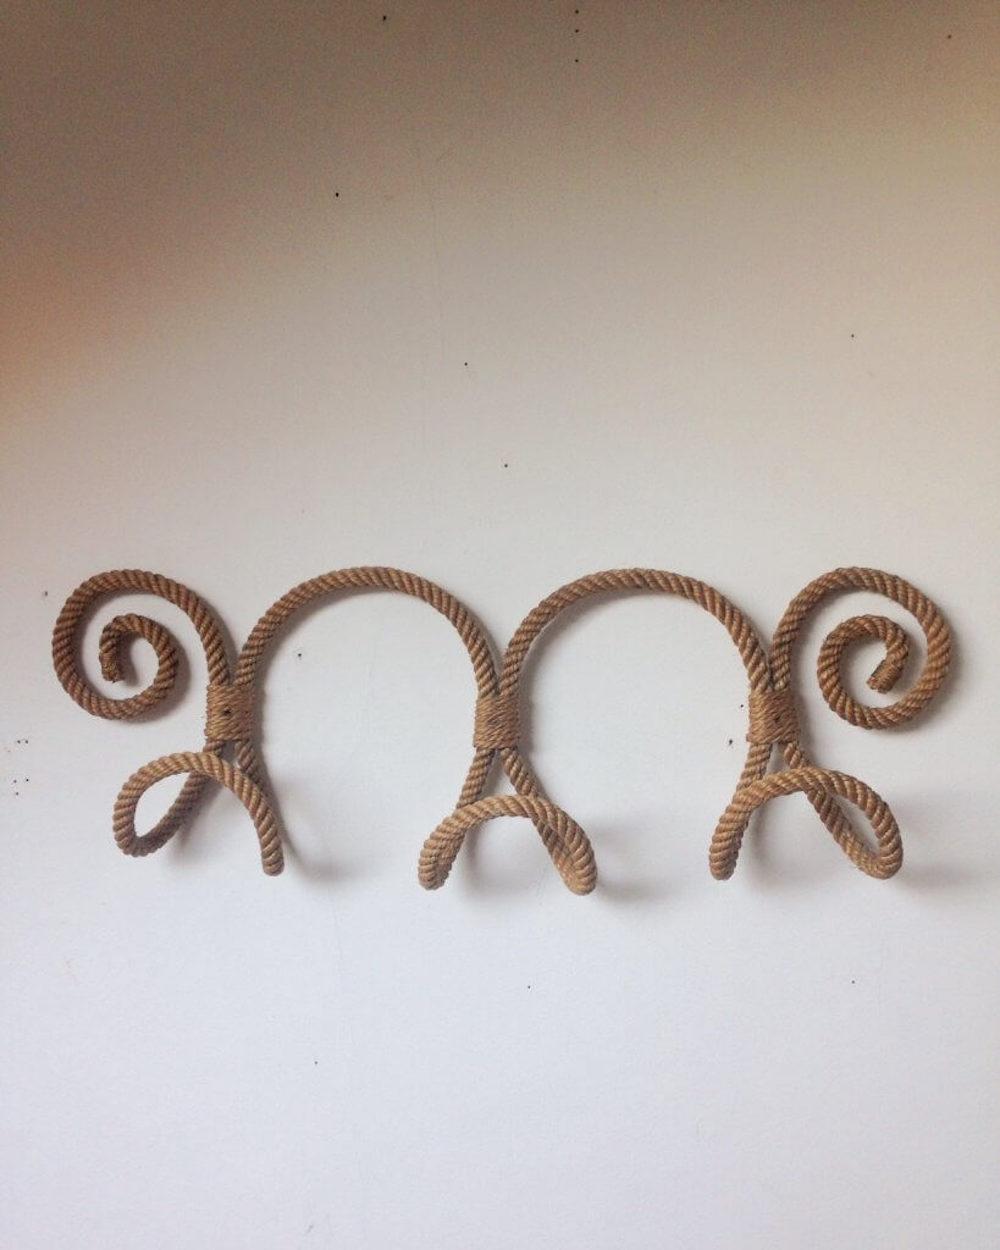 Patère en corde, création Audoux-Minet Circa 1950, Atelier Vime